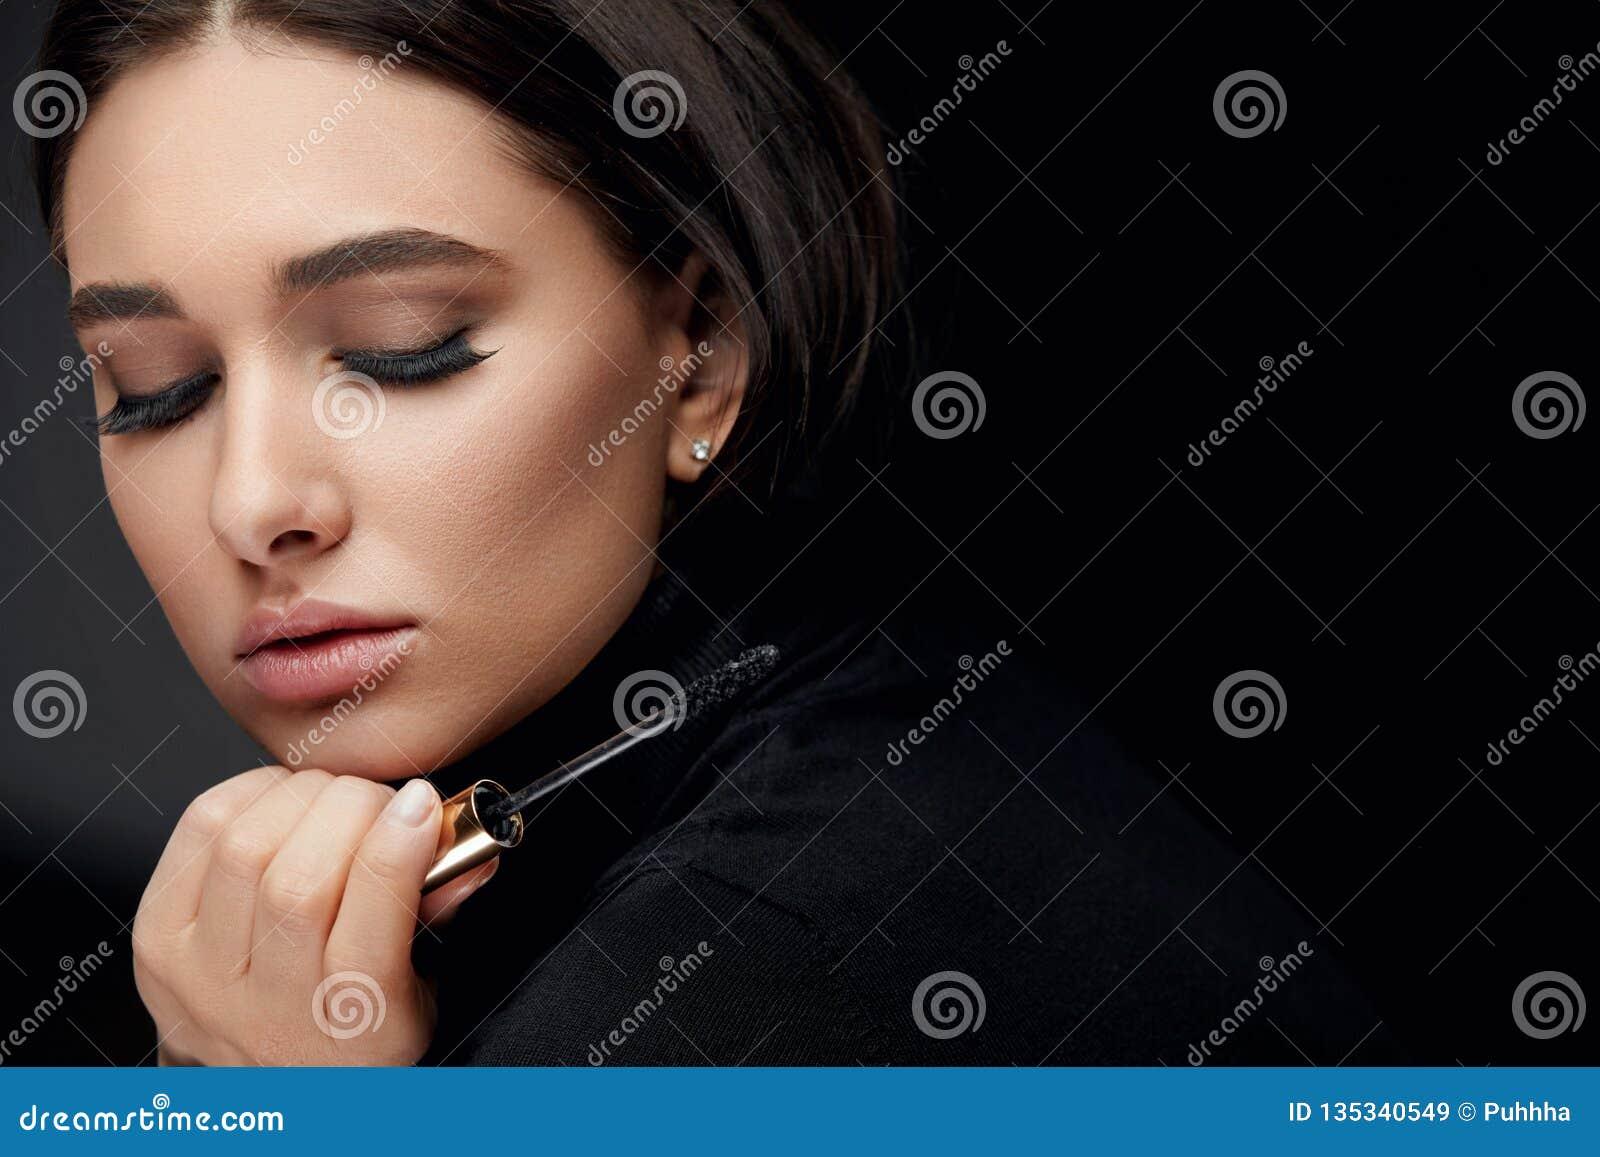 De Make-up van de schoonheid Vrouw met Lange Zwarte Wimpers en Mascaraborstel